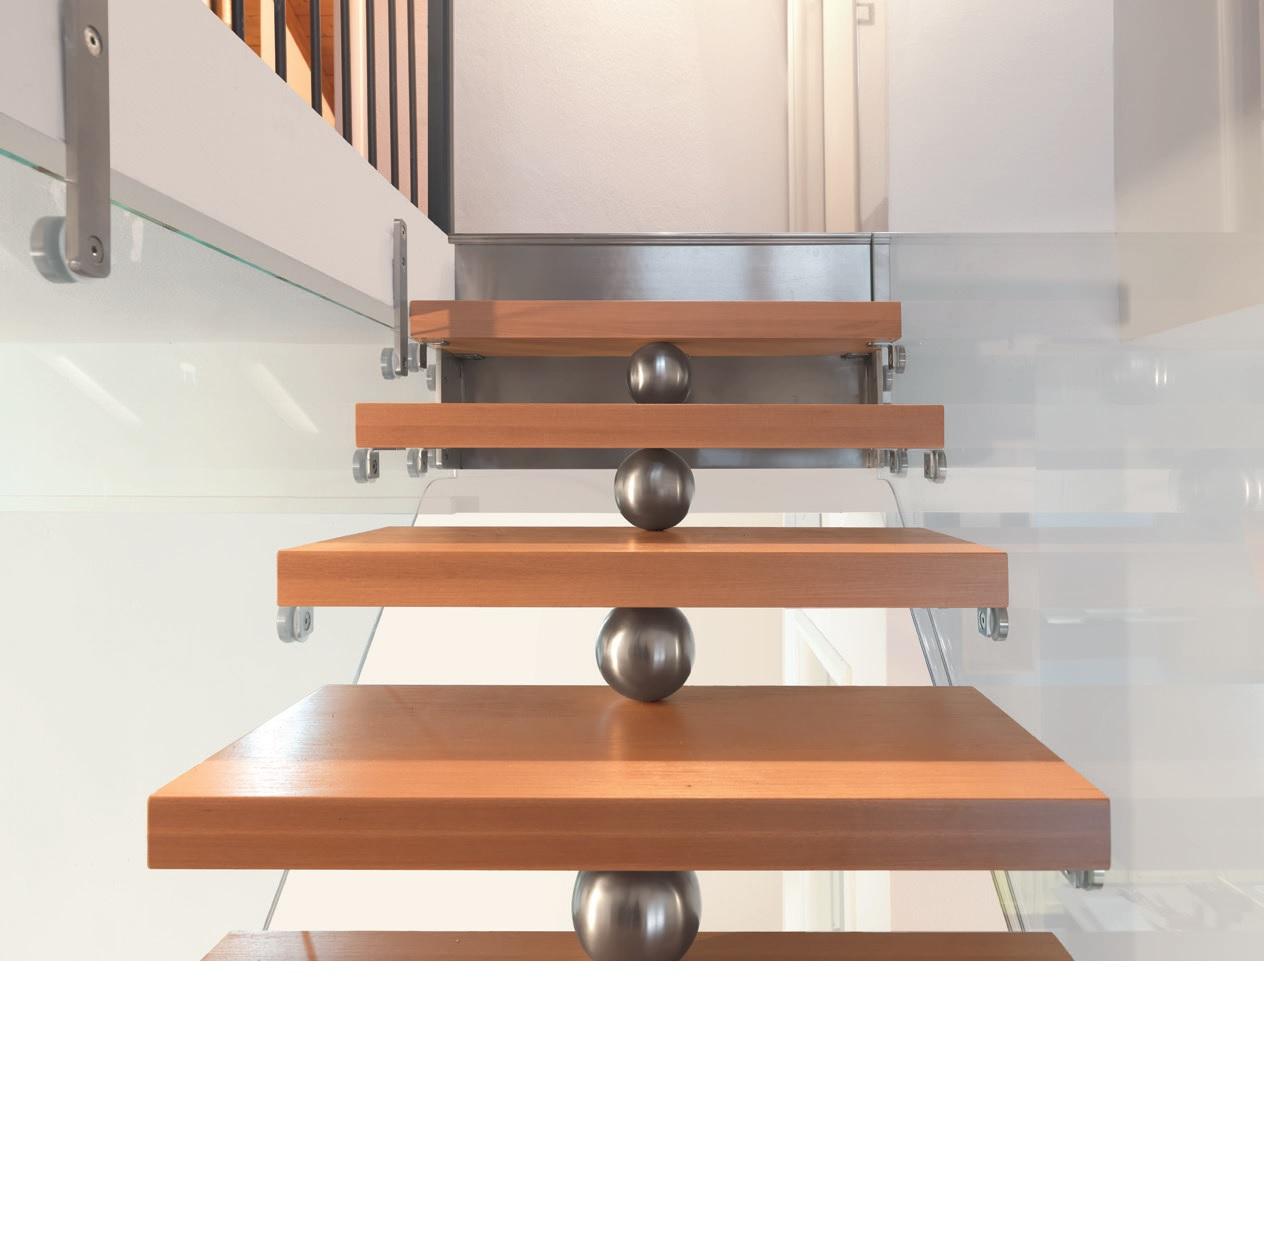 Cerchi scale interne e soppalchi di qualit scopri scale - Chiusura vano scala interno ...